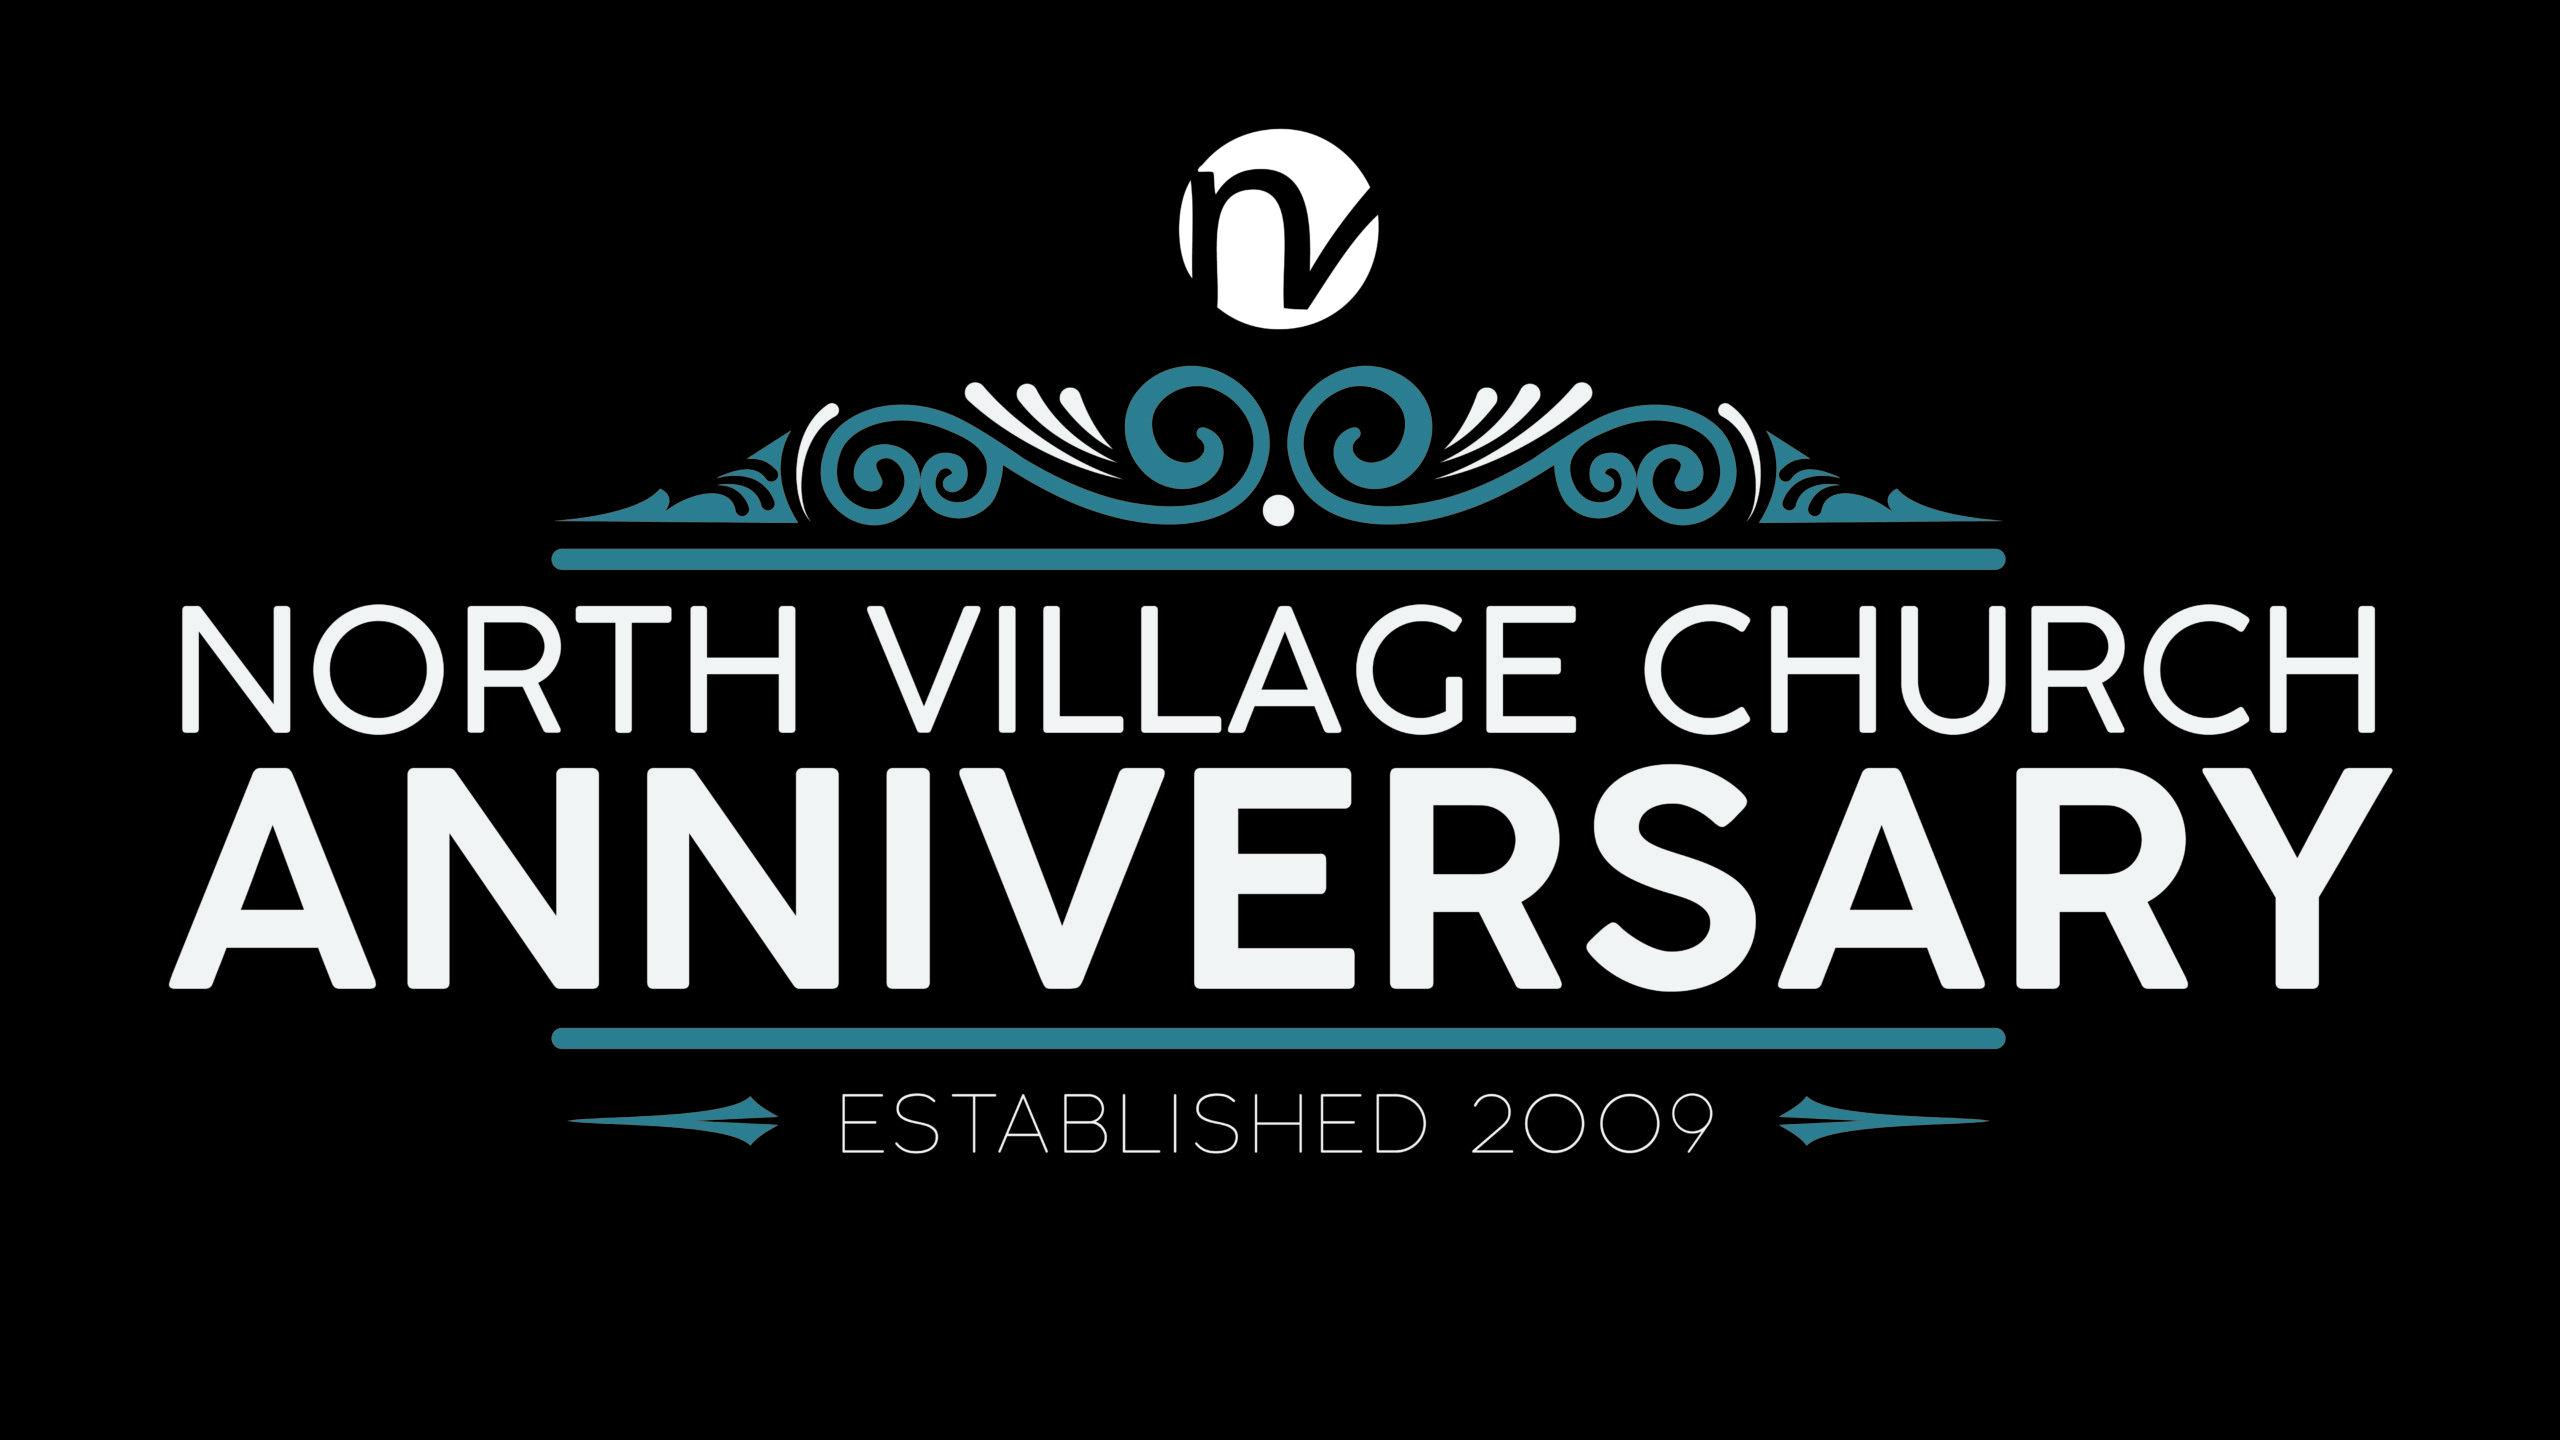 11th Anniversary Service